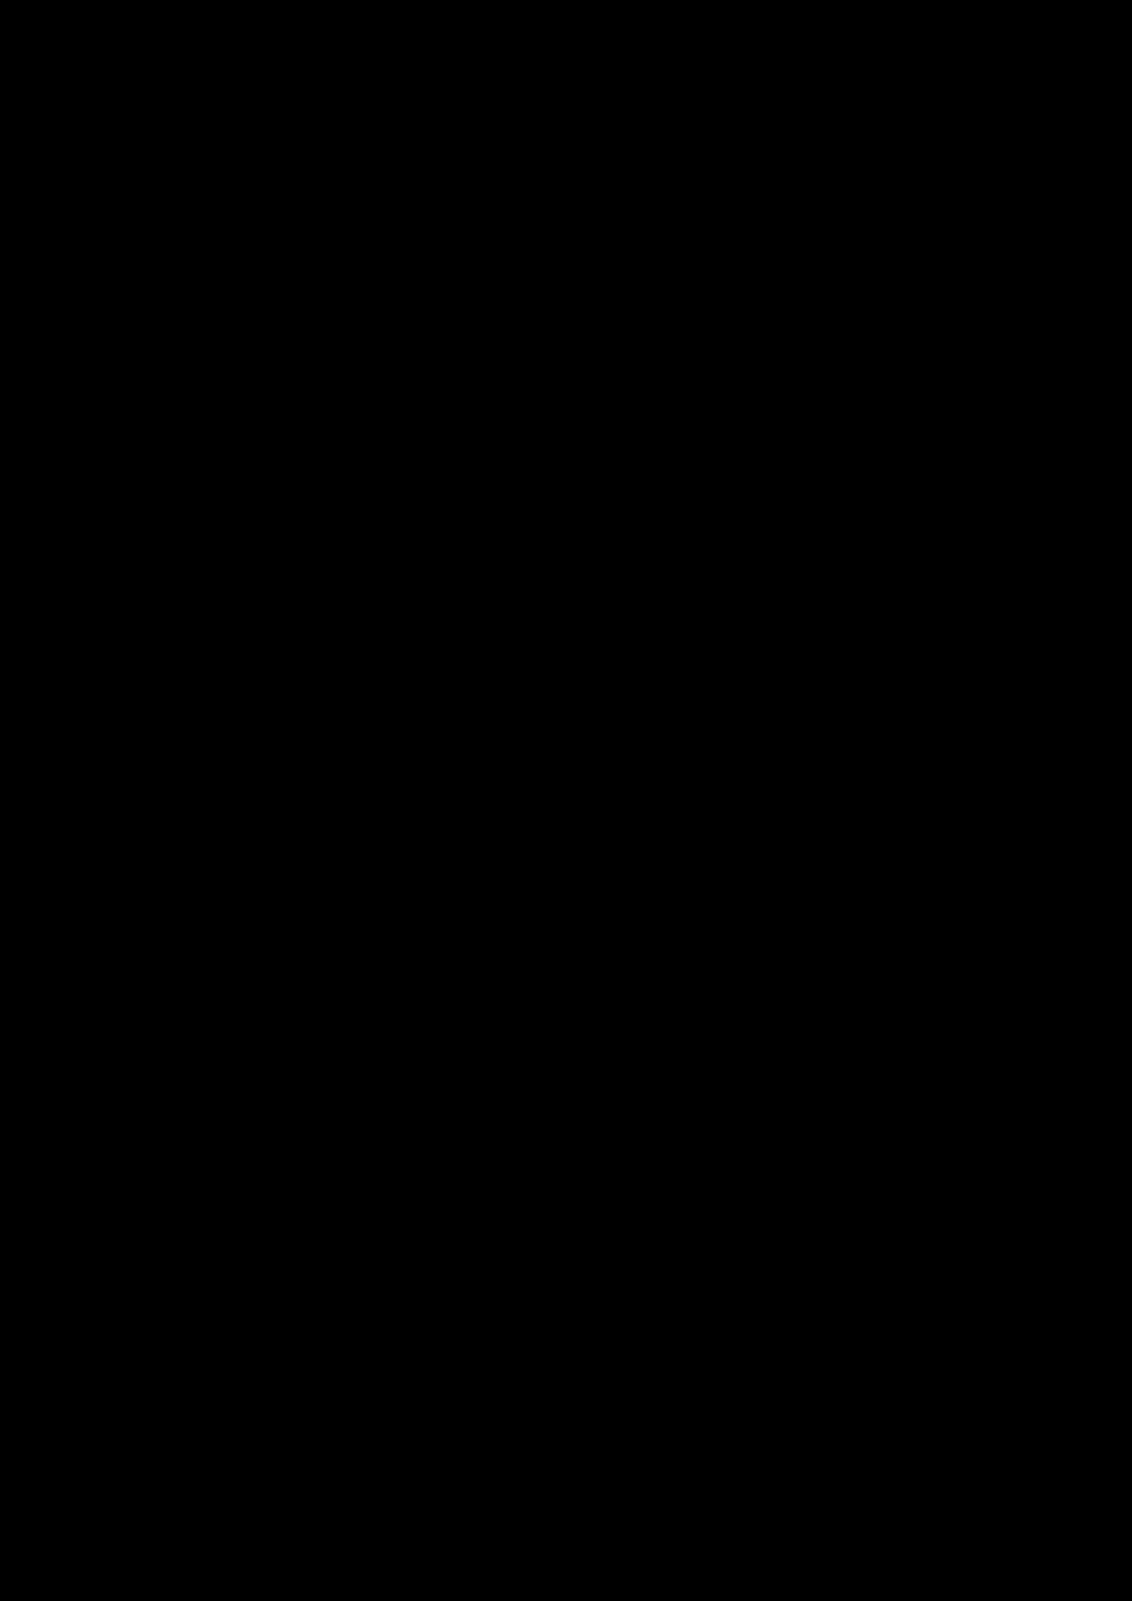 Dekoratsii slide, Image 5